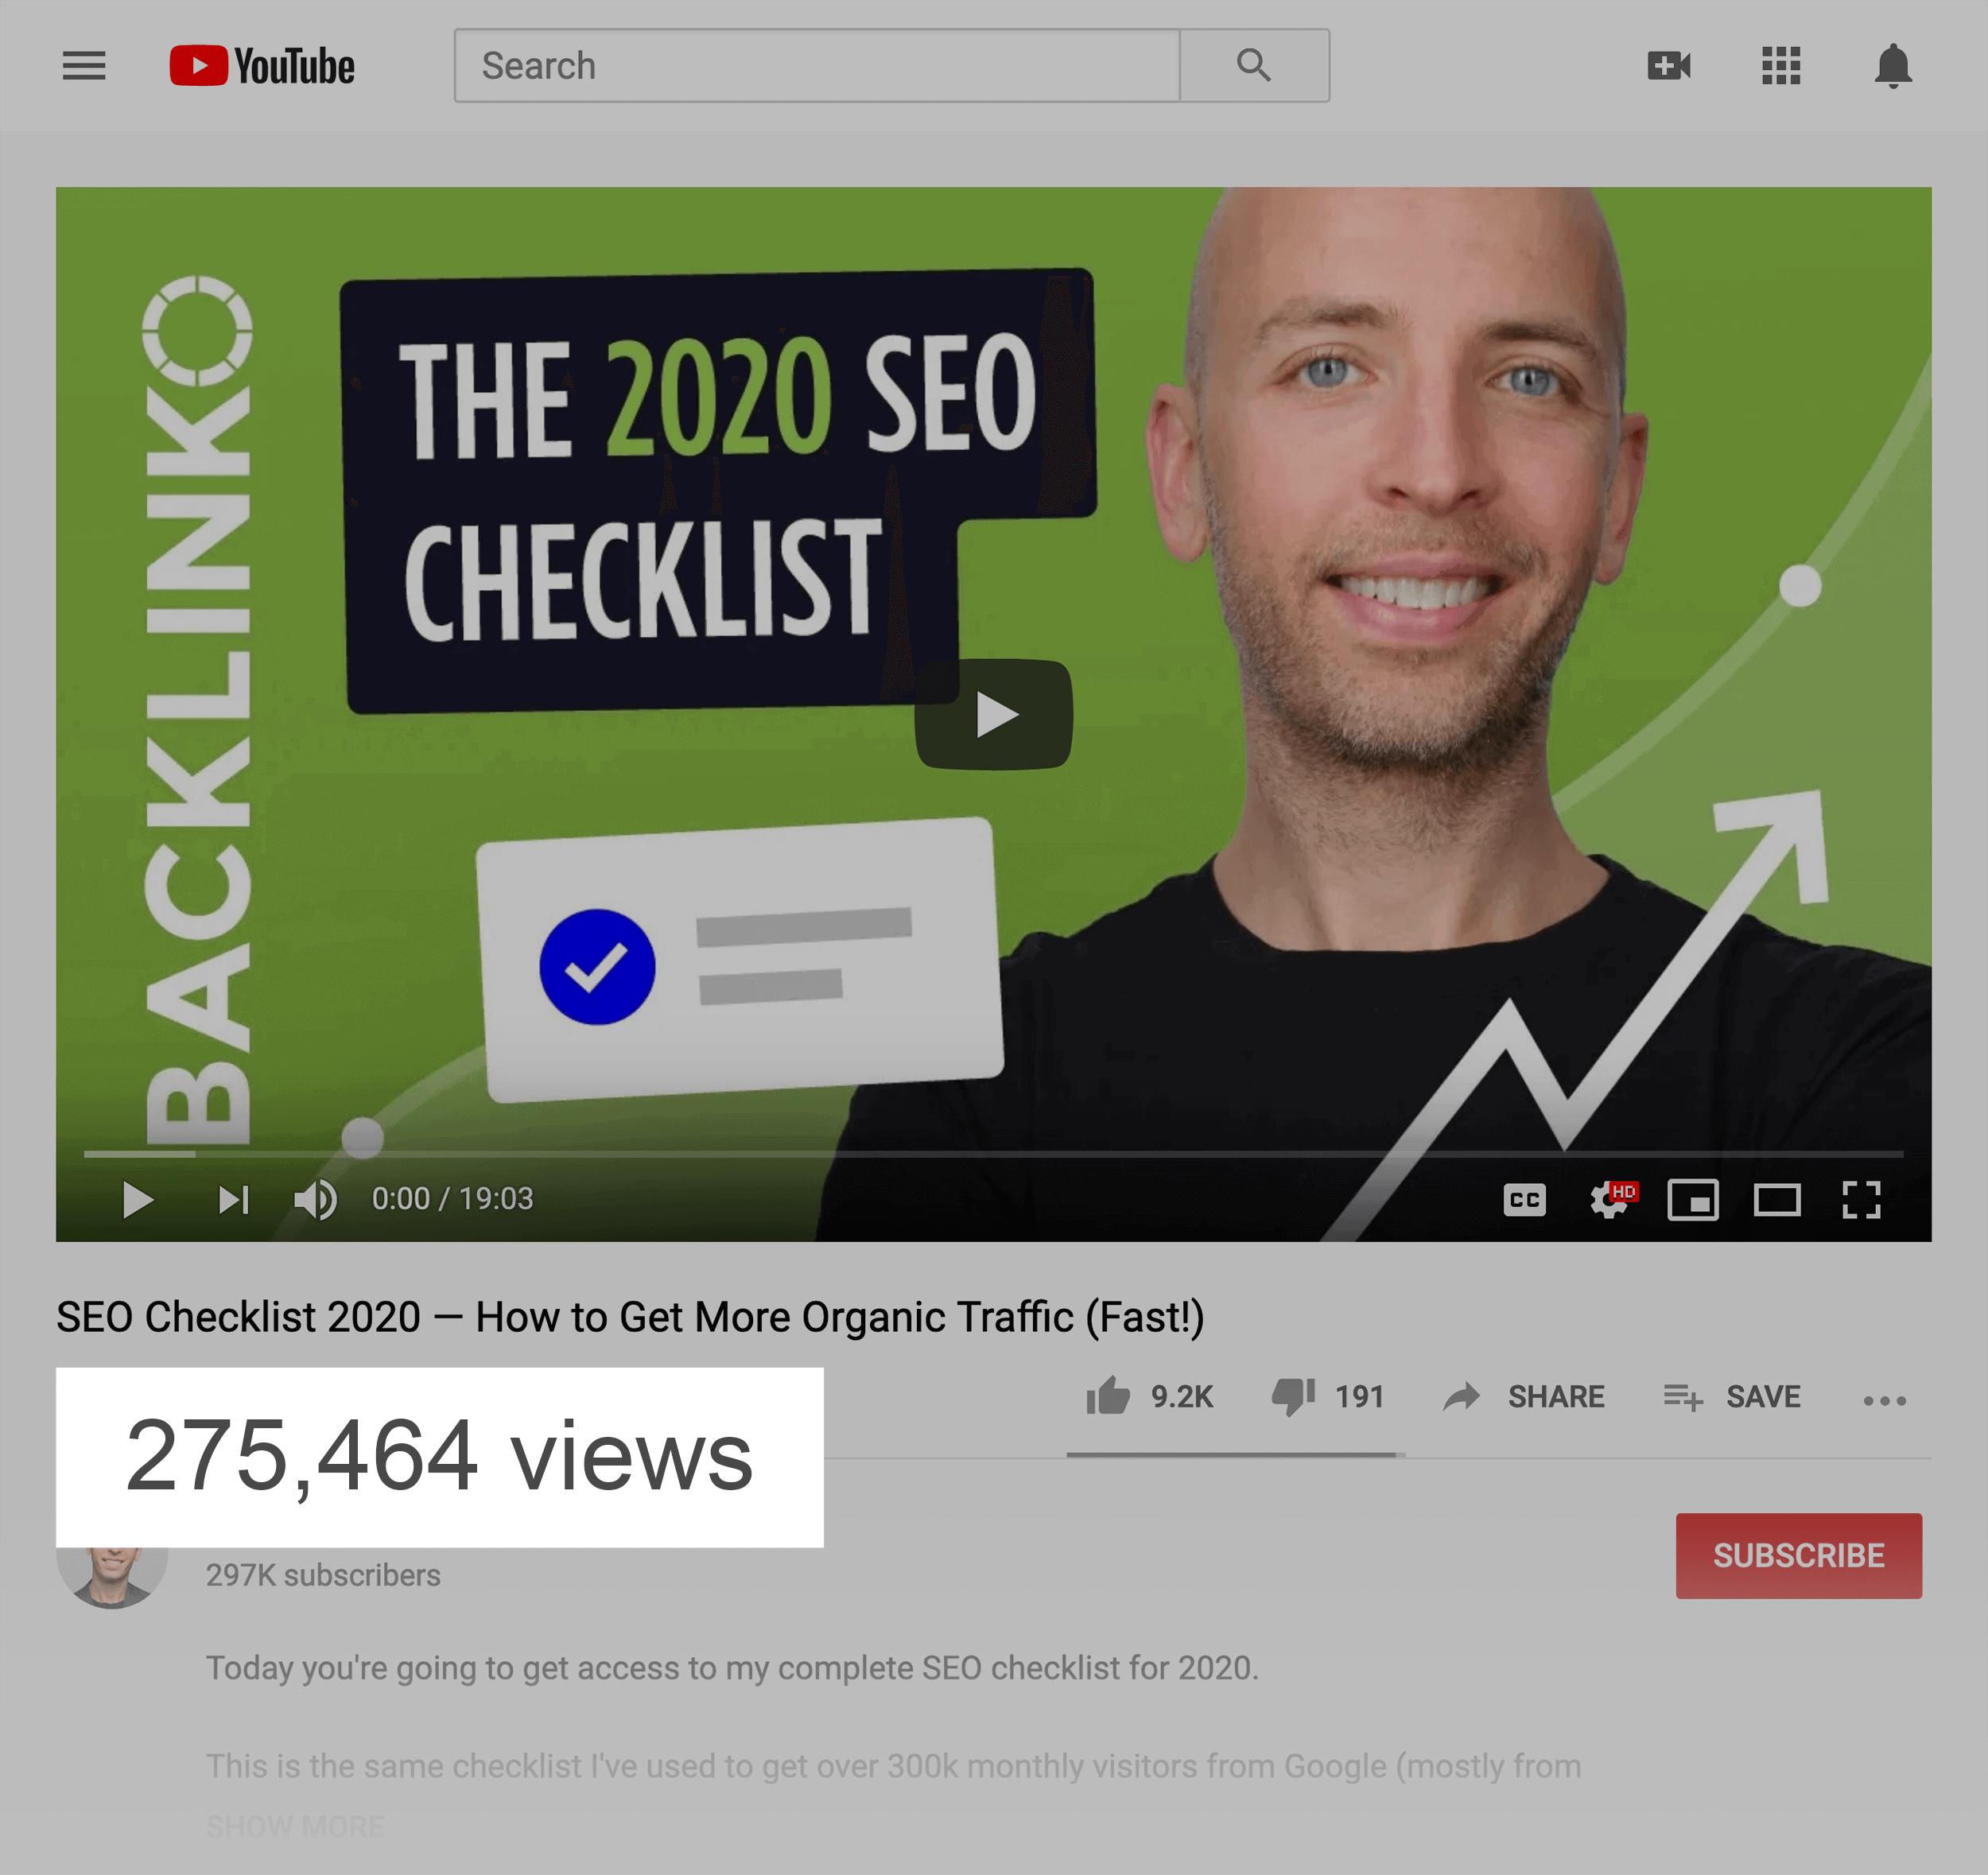 2020 SEO Checklist – Video Total Views